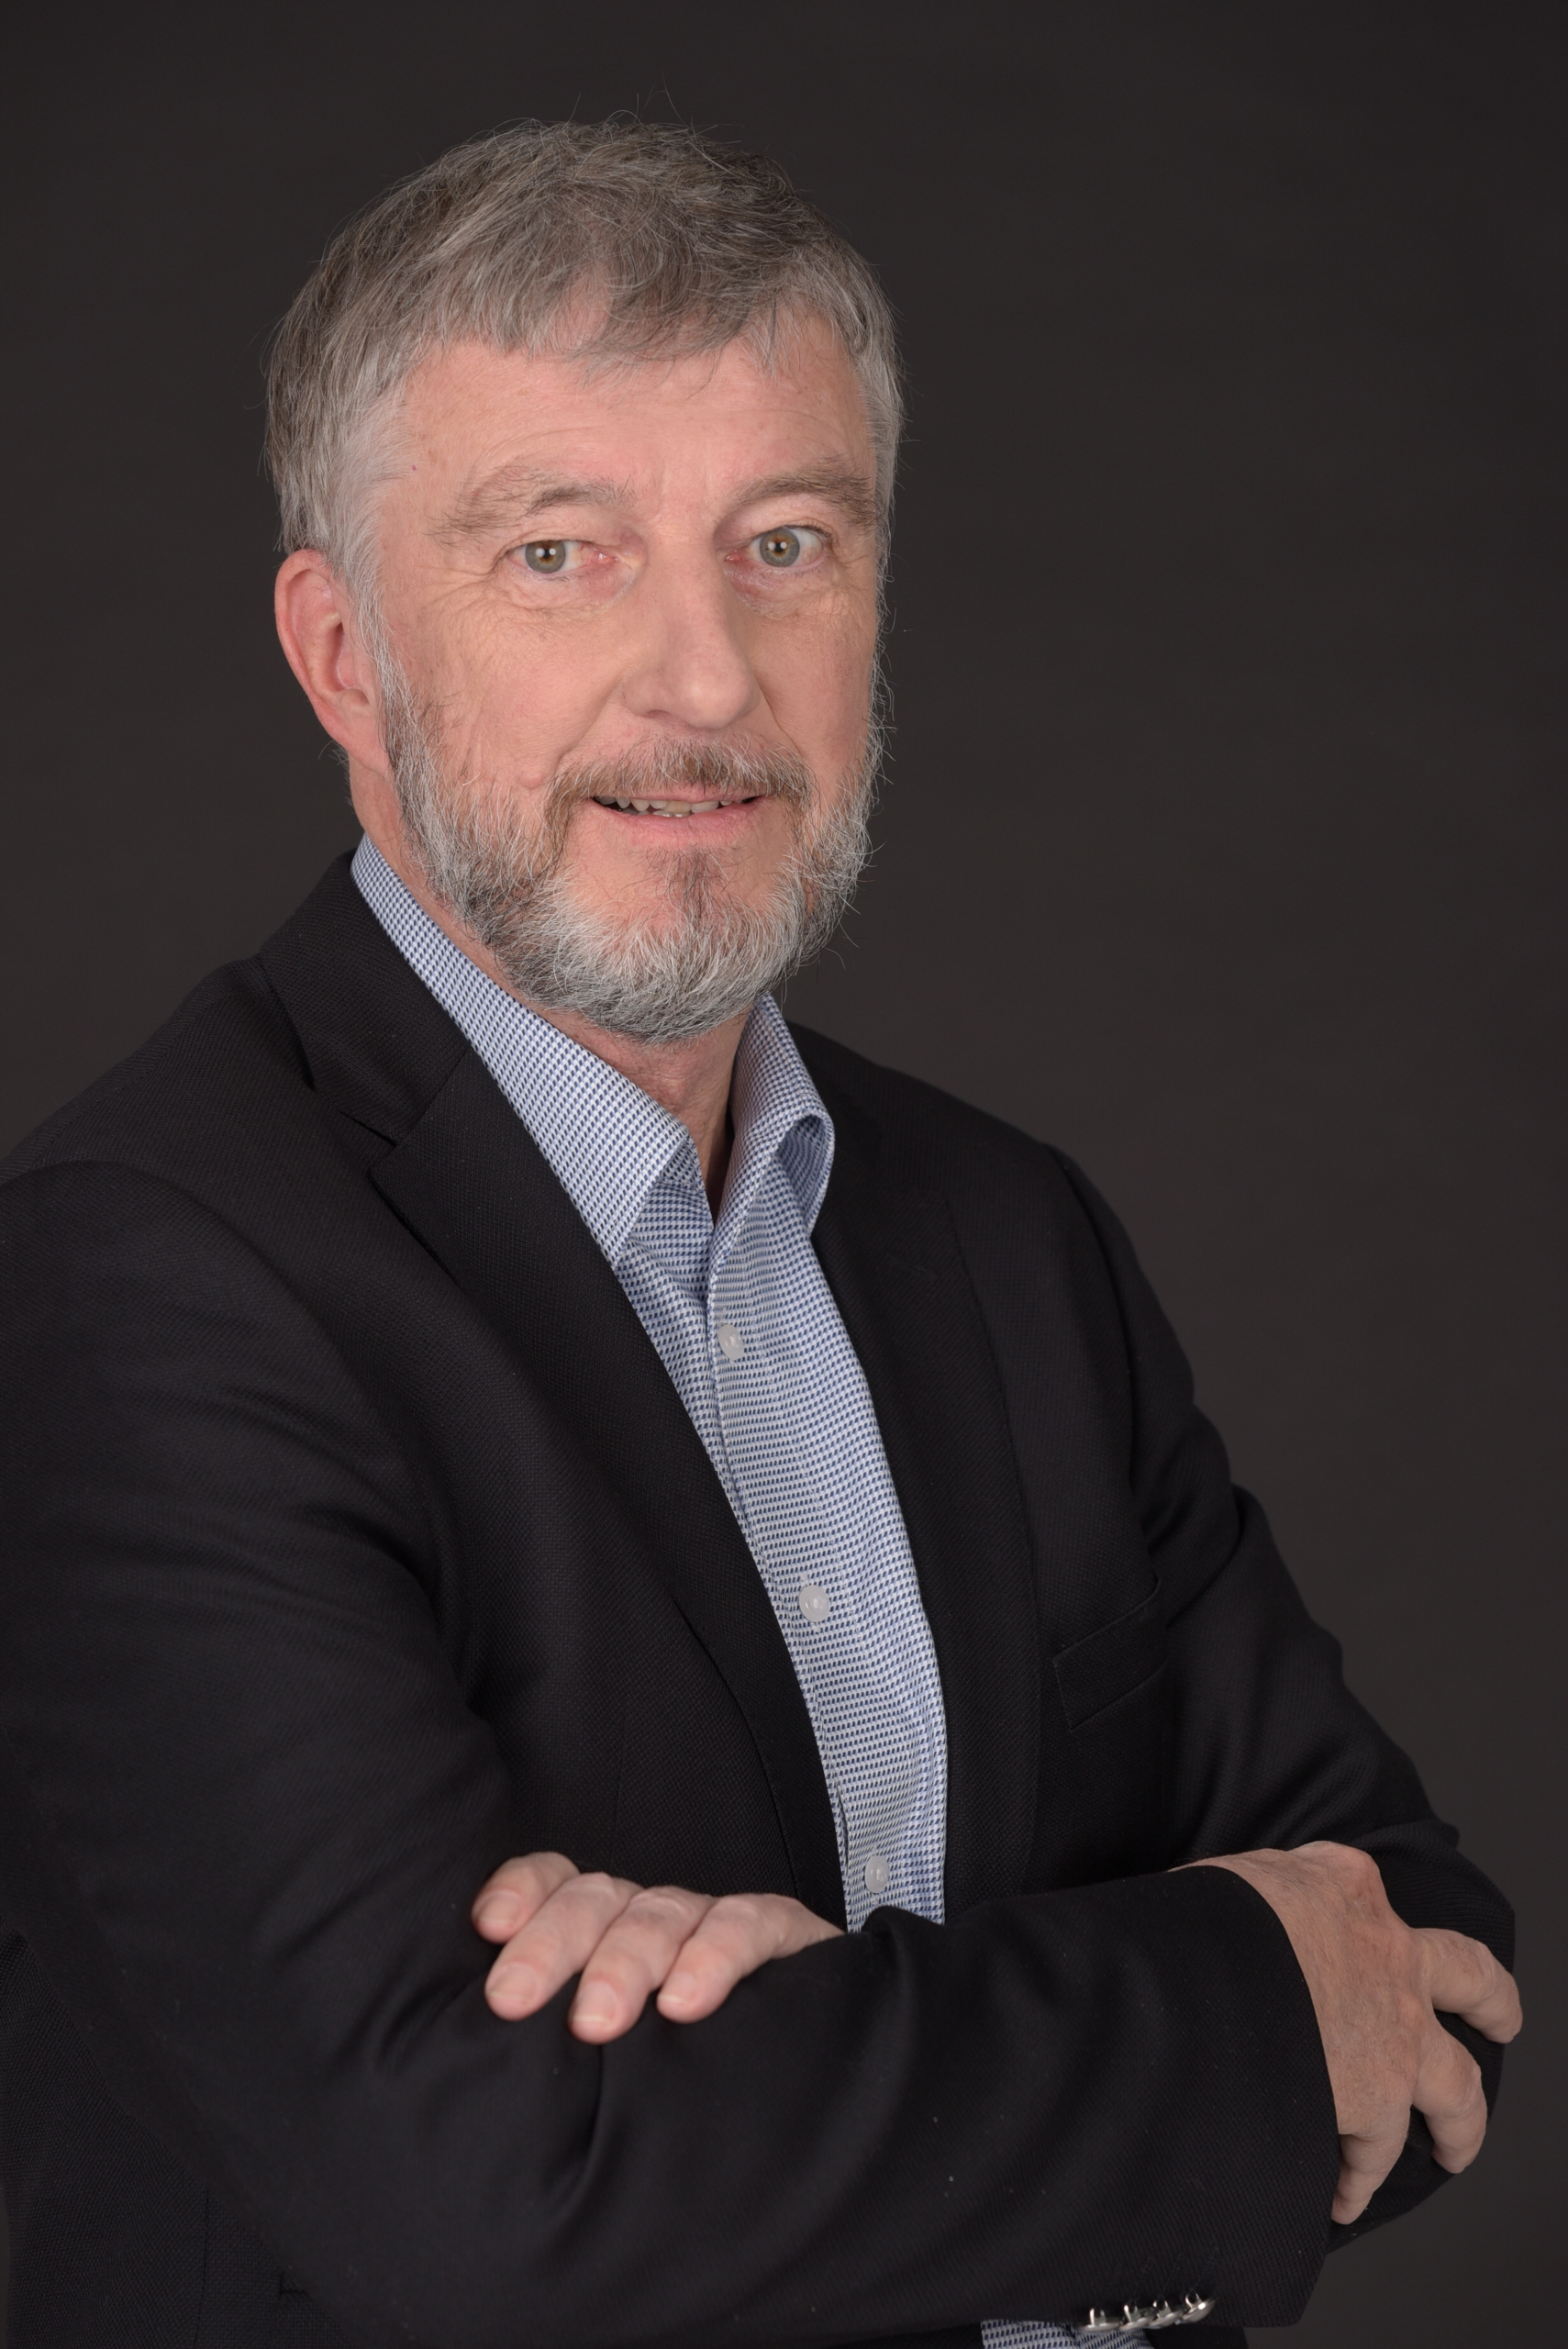 Michael Bobik